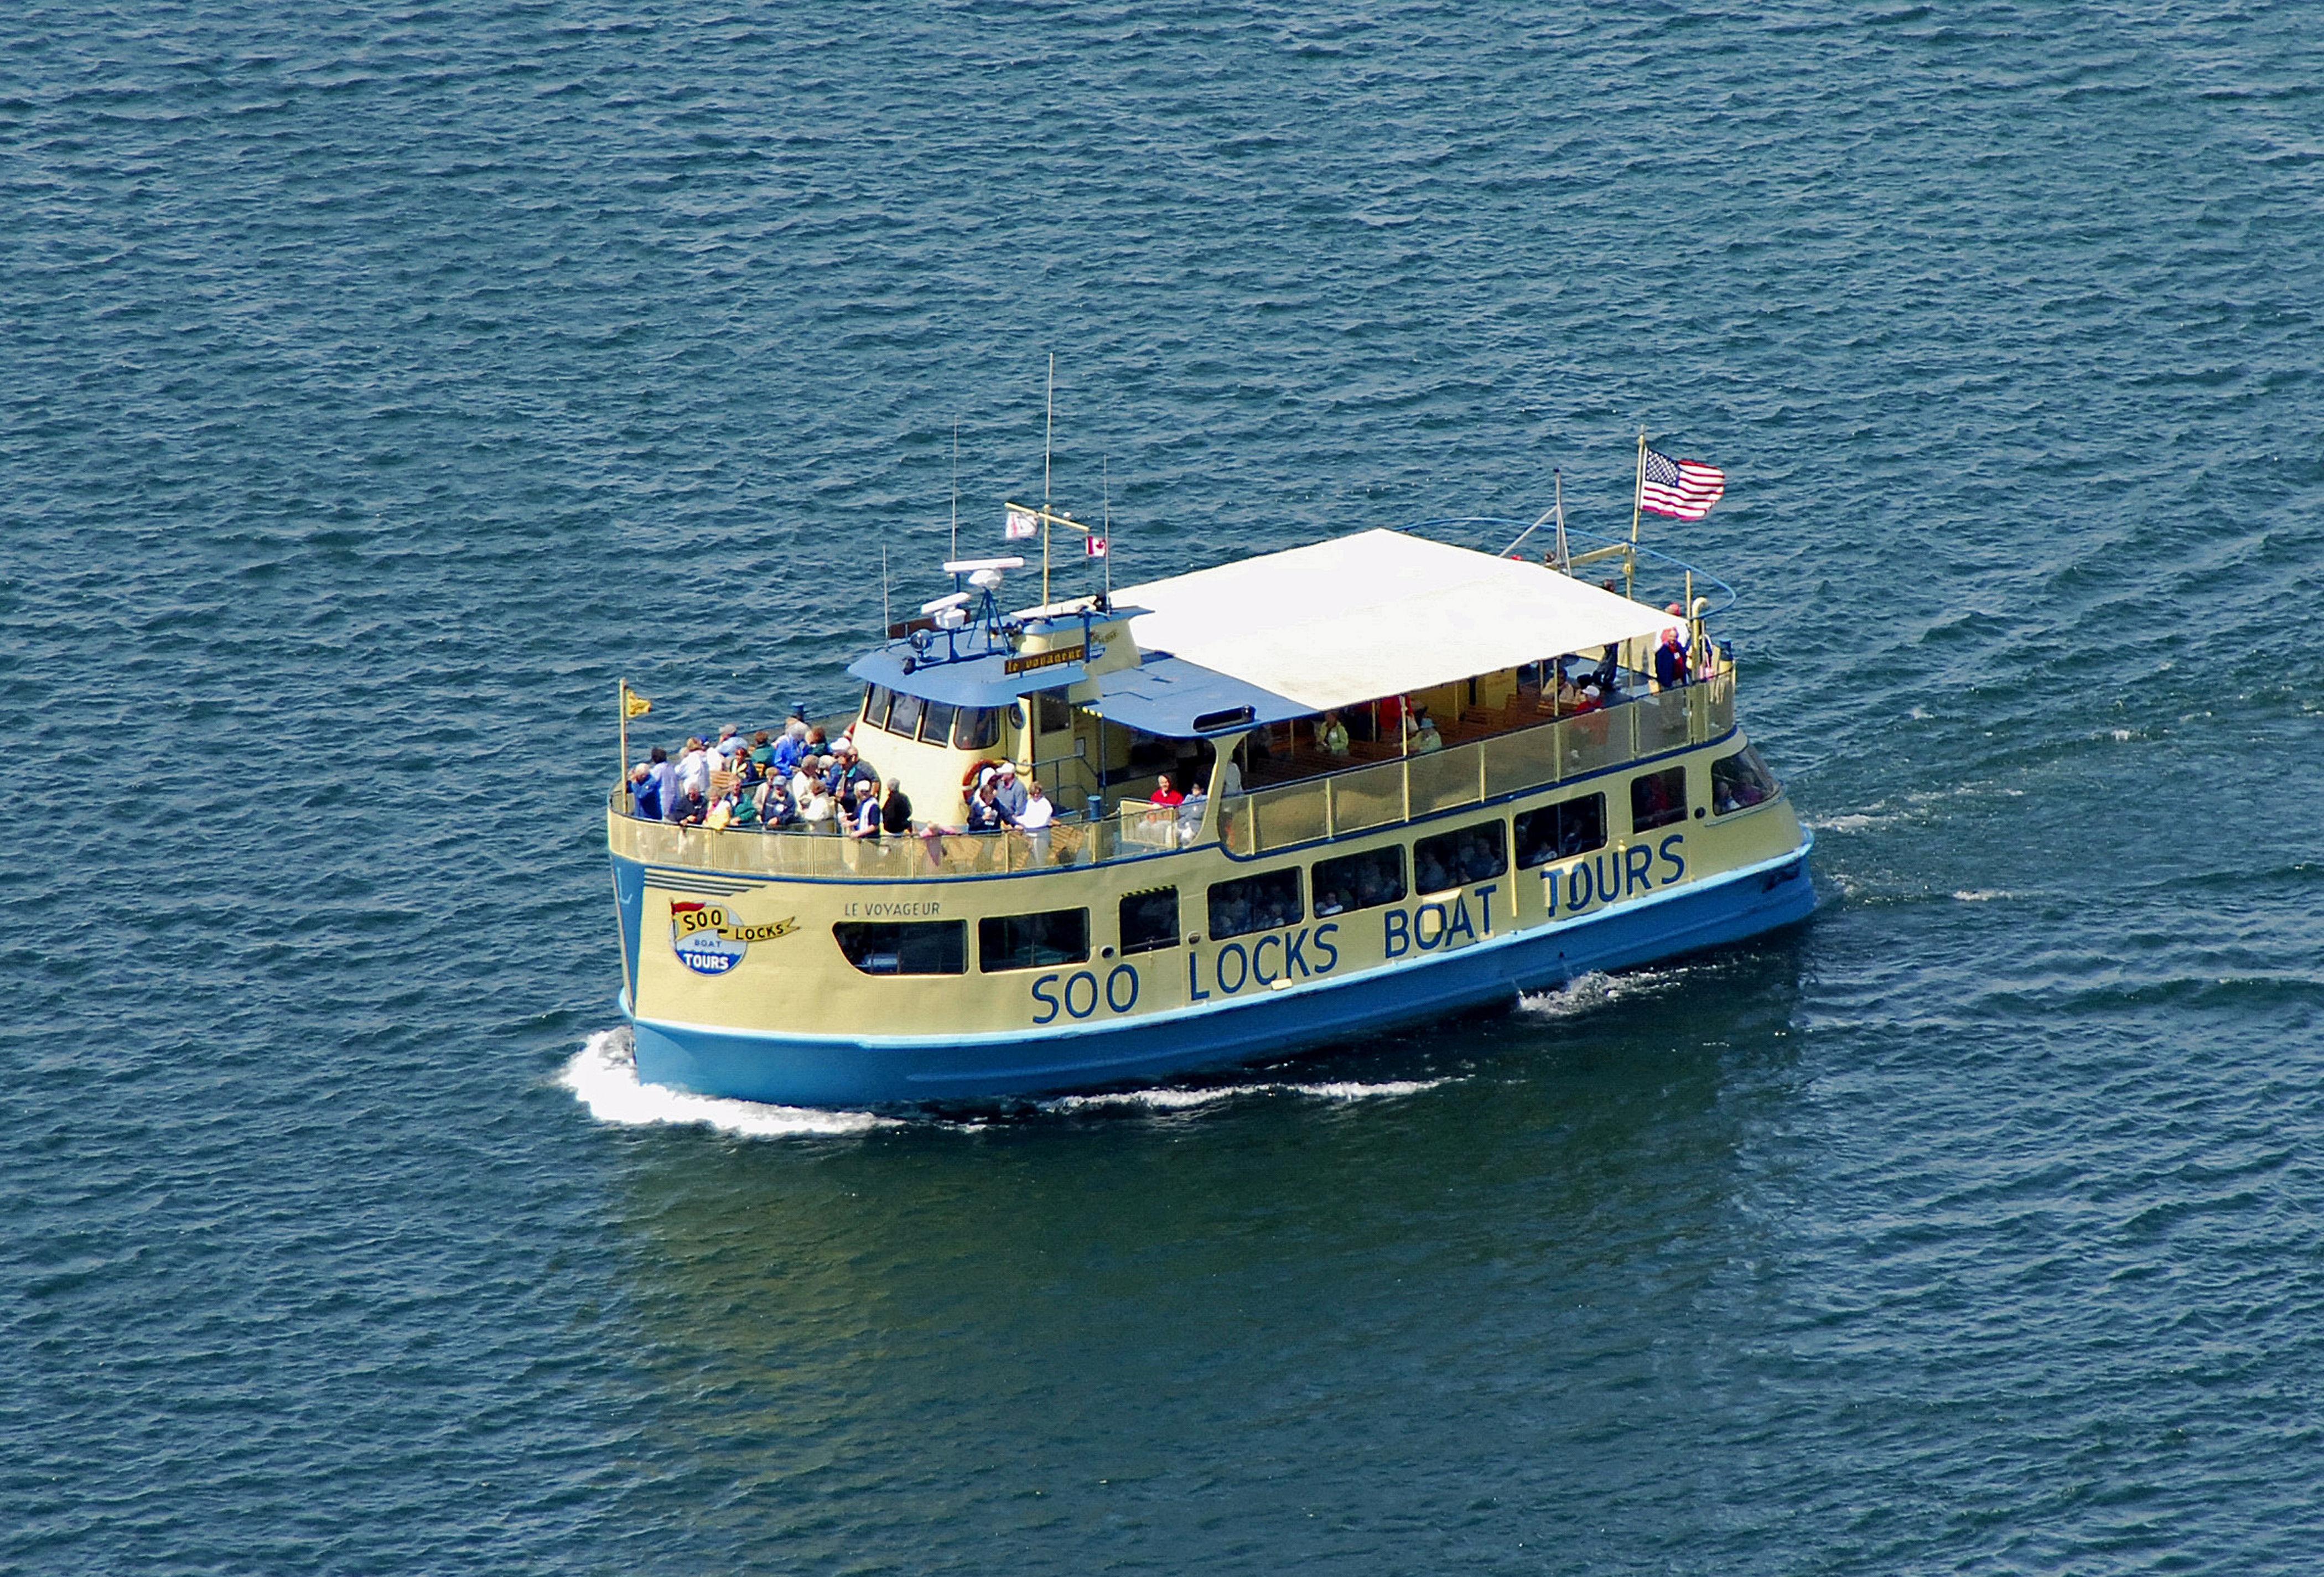 Soo Locks Boat Tours Sault Ste Marie